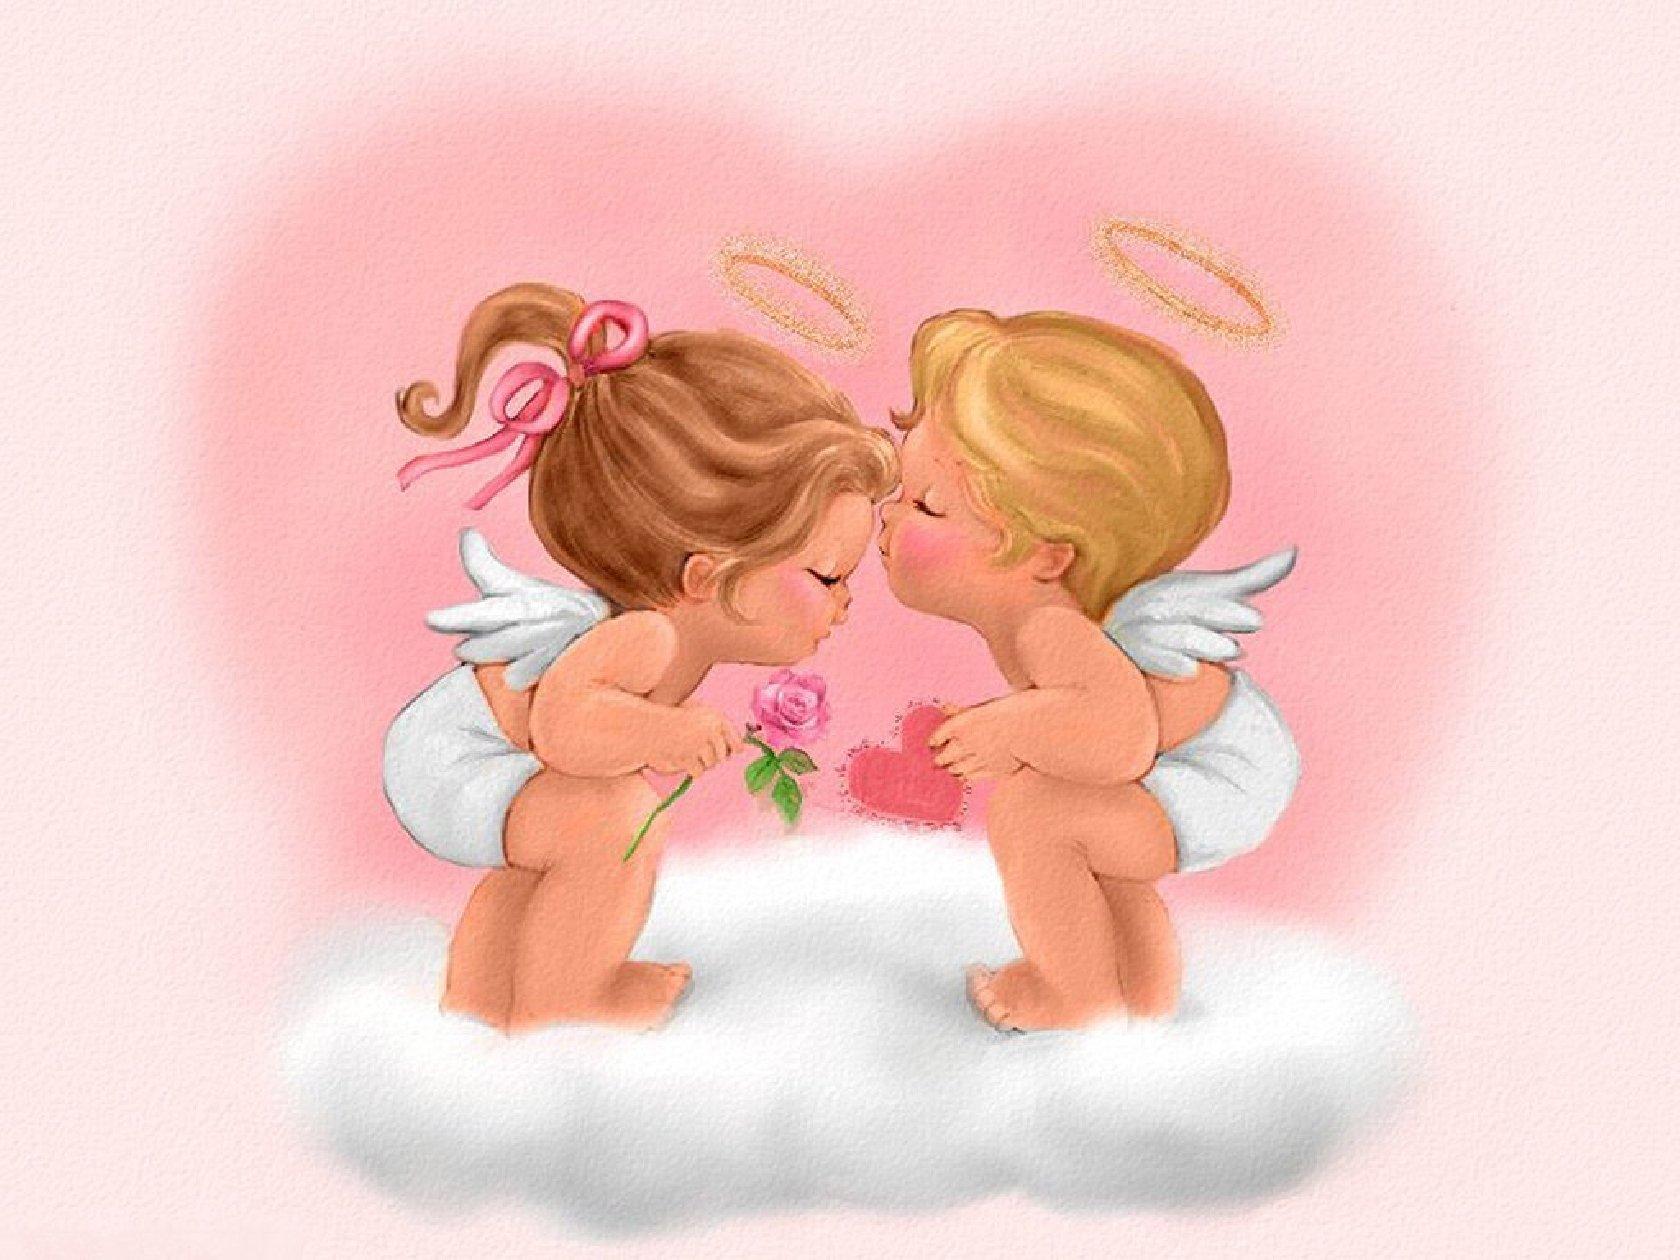 Hình ảnh thiên thần dễ thương nhất